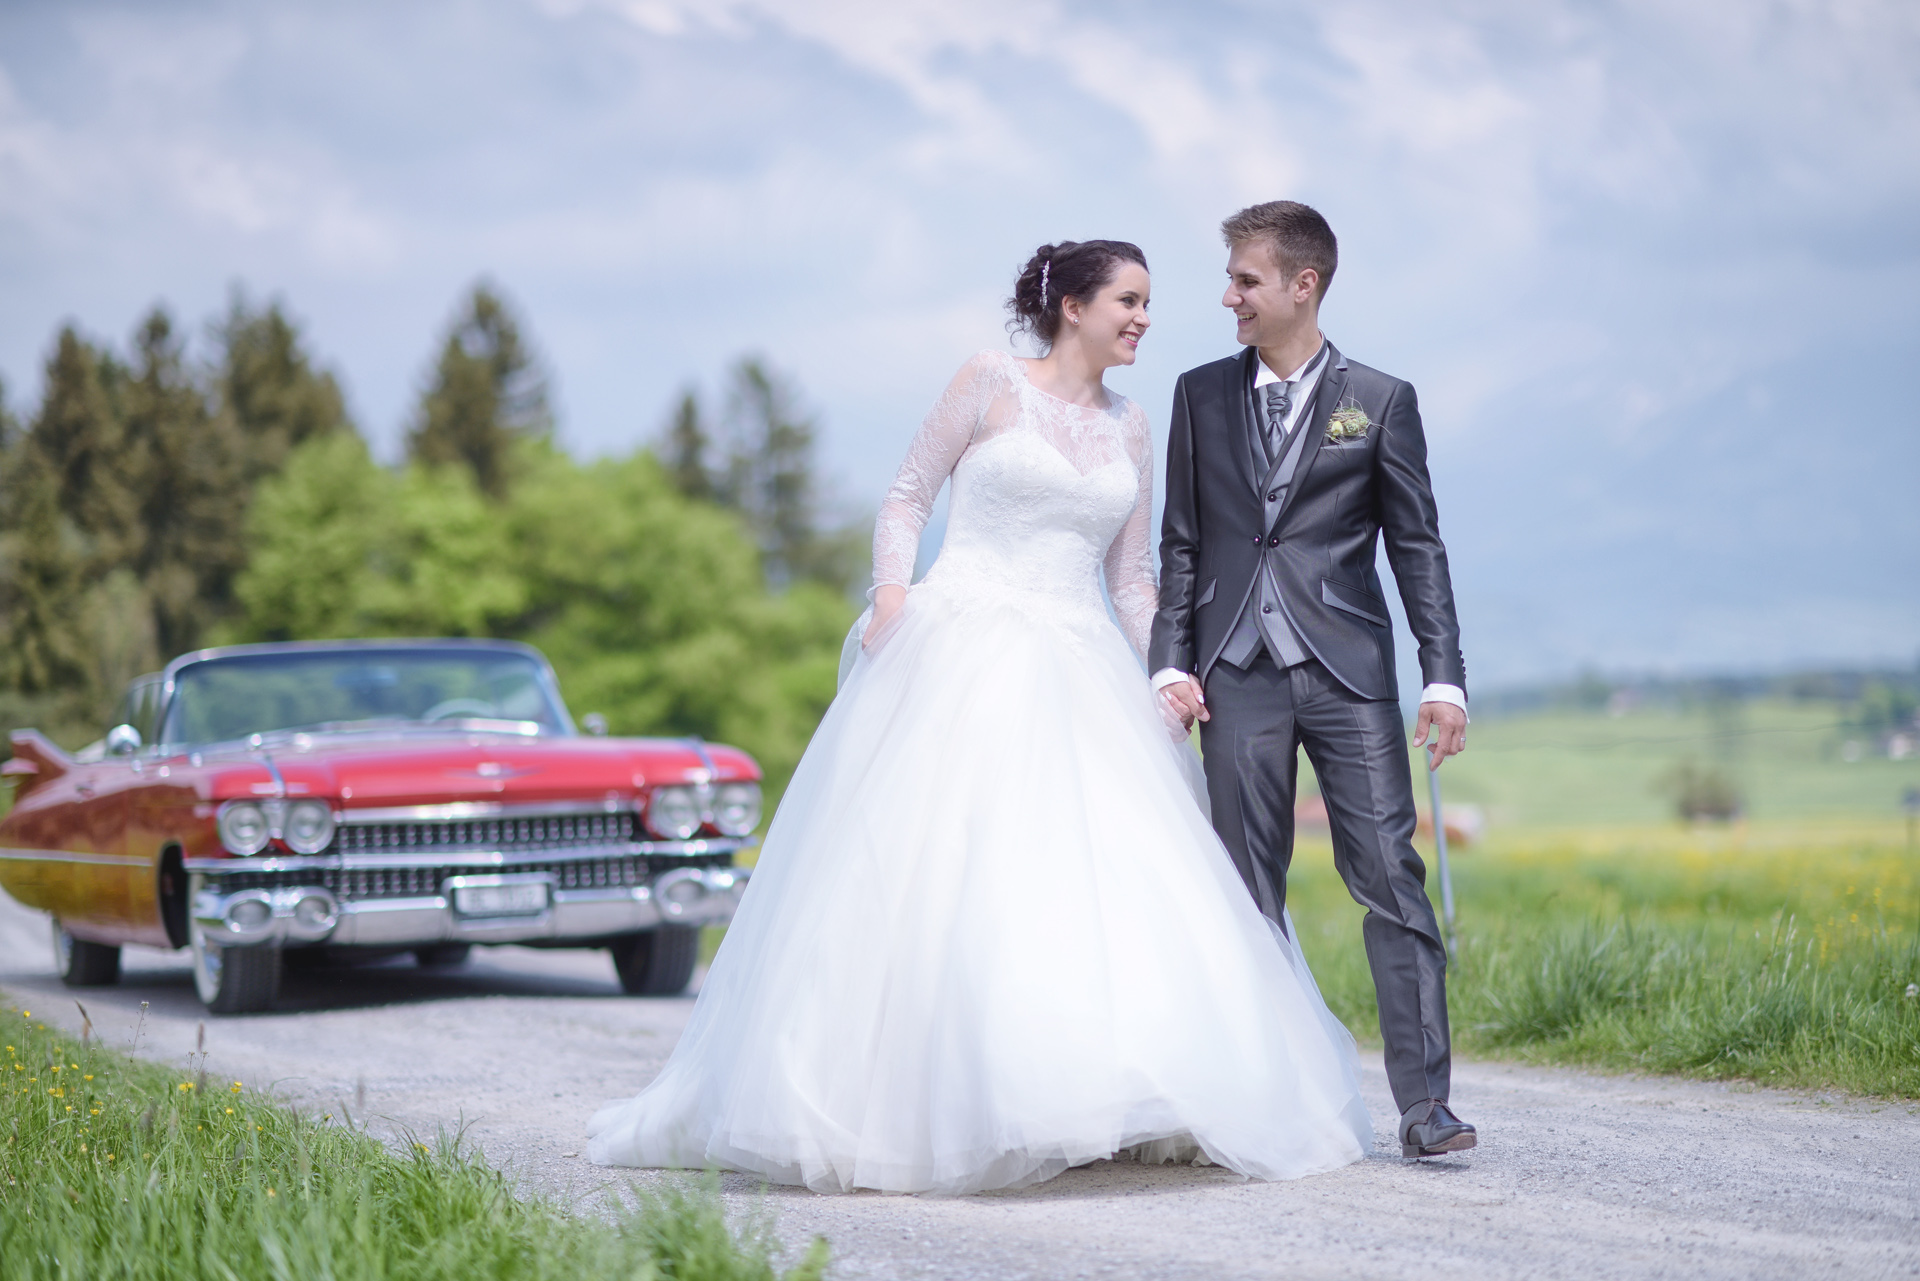 Hochzeitsfotograf_Felix-Peter_Bern_Thun_Button4.jpg